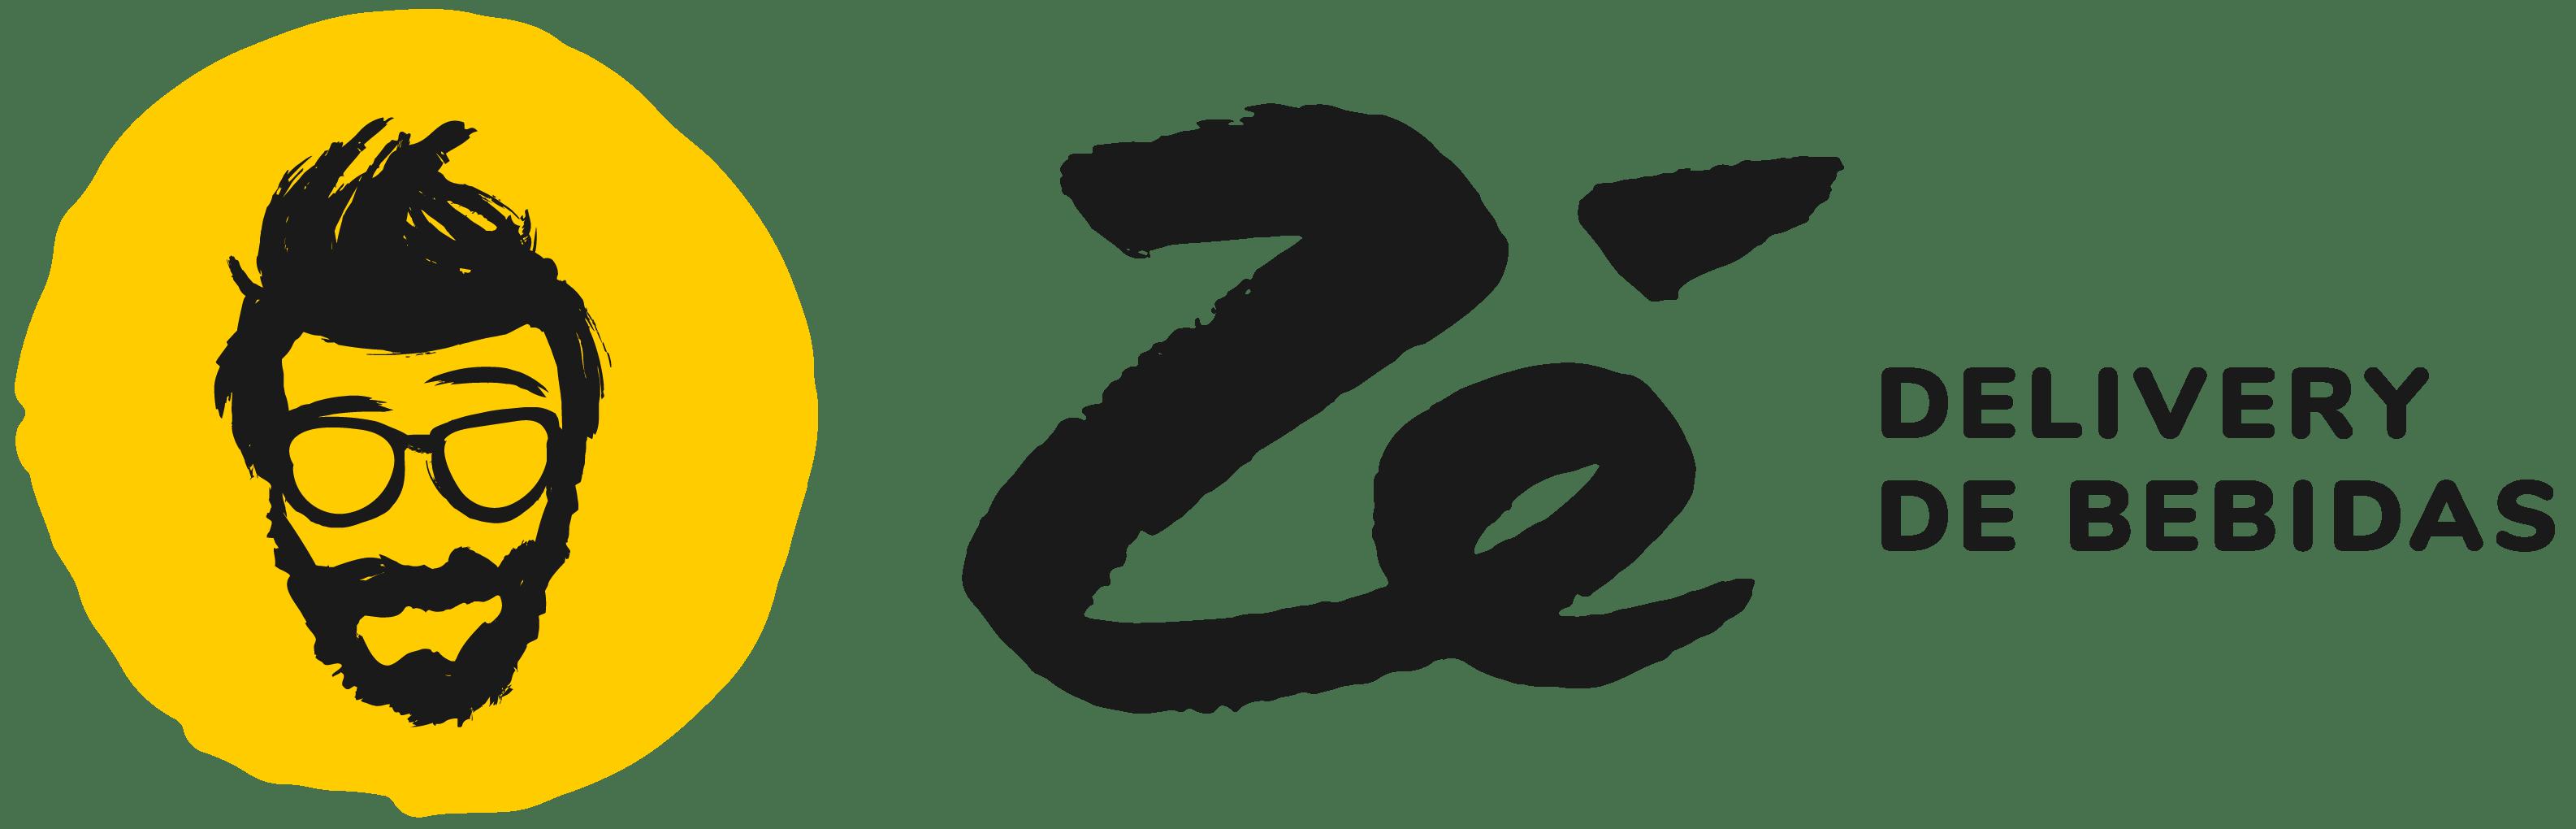 Zé Delivery